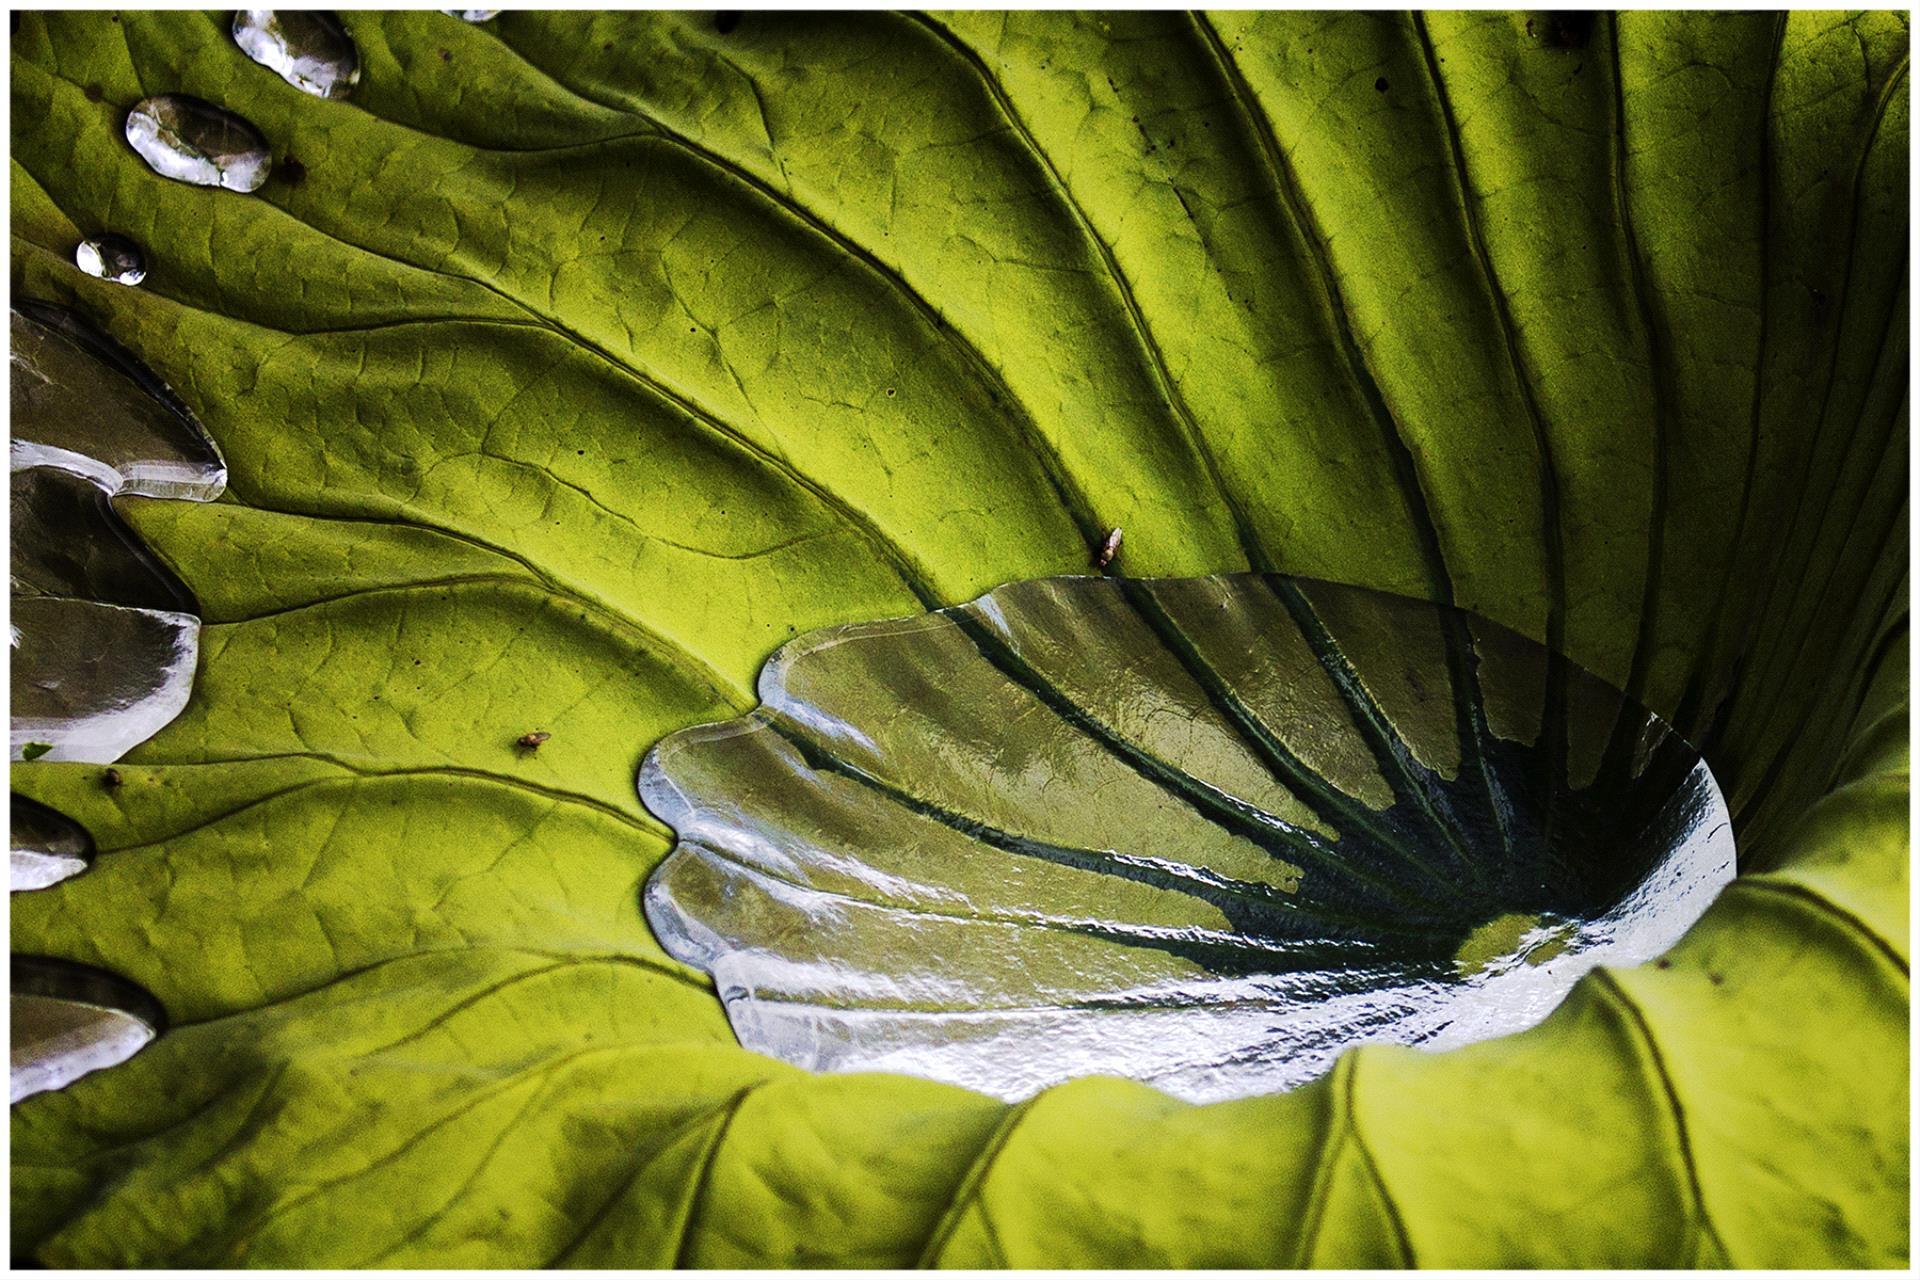 PhotoVivo Honor Mention - Yan Tsang (USA)  Water Drops On A Lotus Leaf